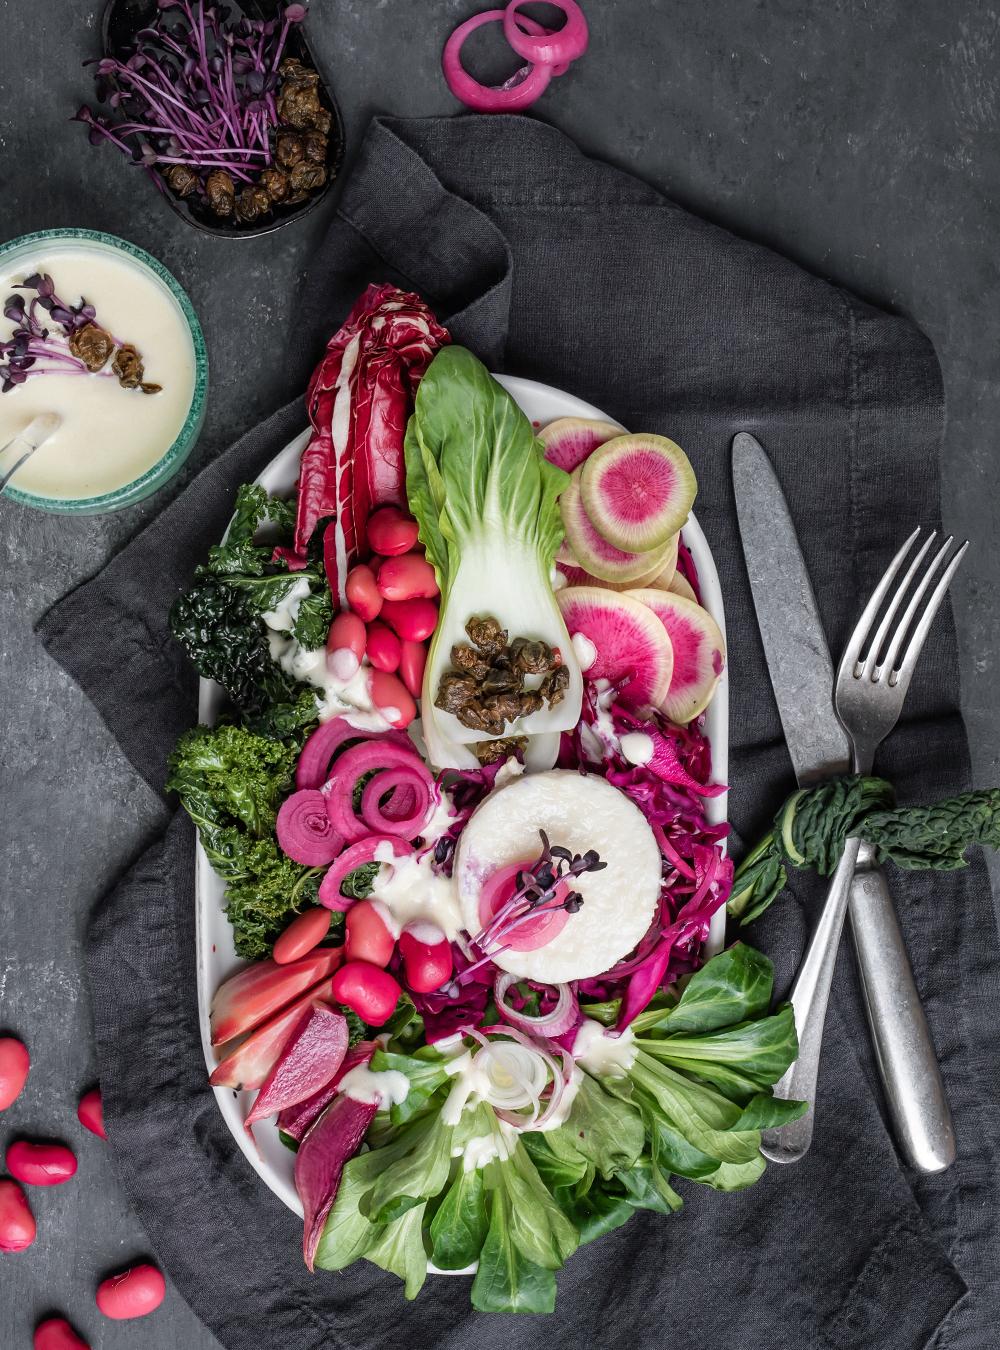 Purpur-grüner Wintersalat mit Misodressing - Palingenesis, Lee Krasner Food zur Ausstellung in der Schirn Kunsthalle